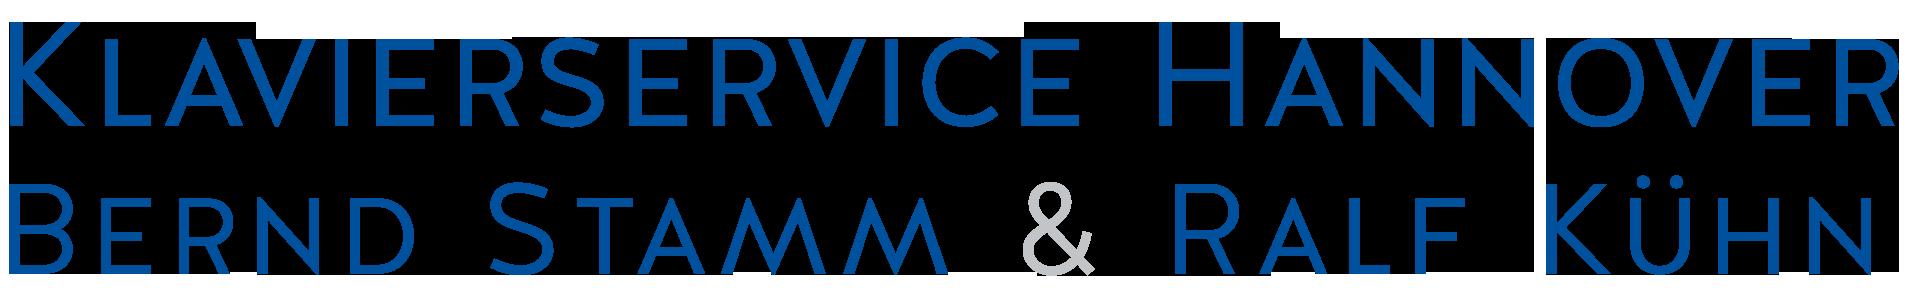 Klavierservice Hannover Ralf Kühn & Bernd Stamm Logo